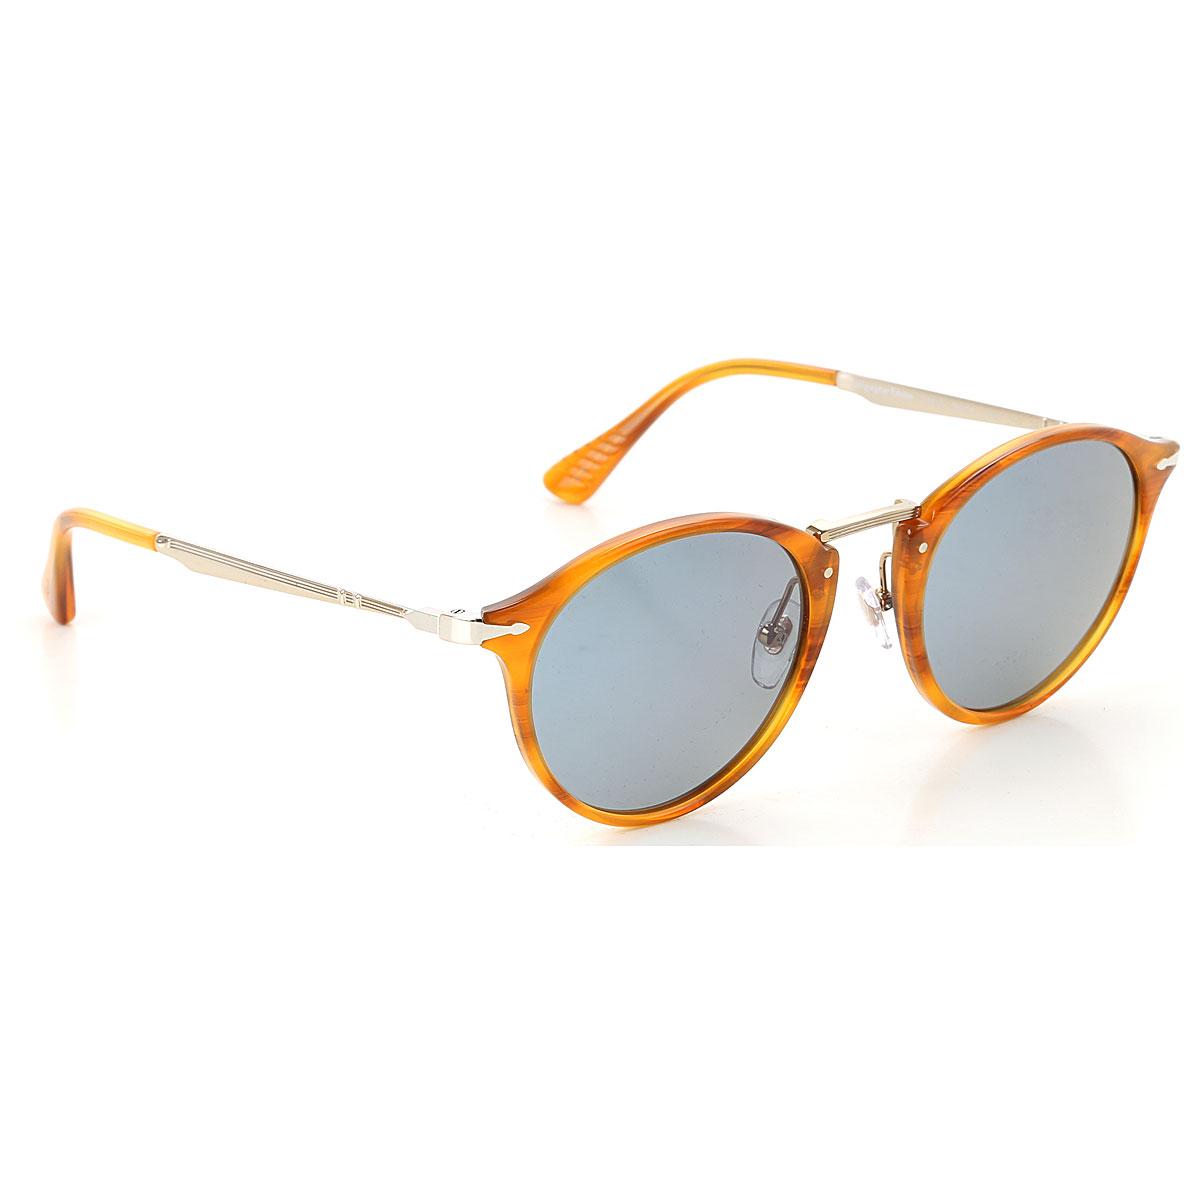 5df205d324e79 Persol. Sunglasses